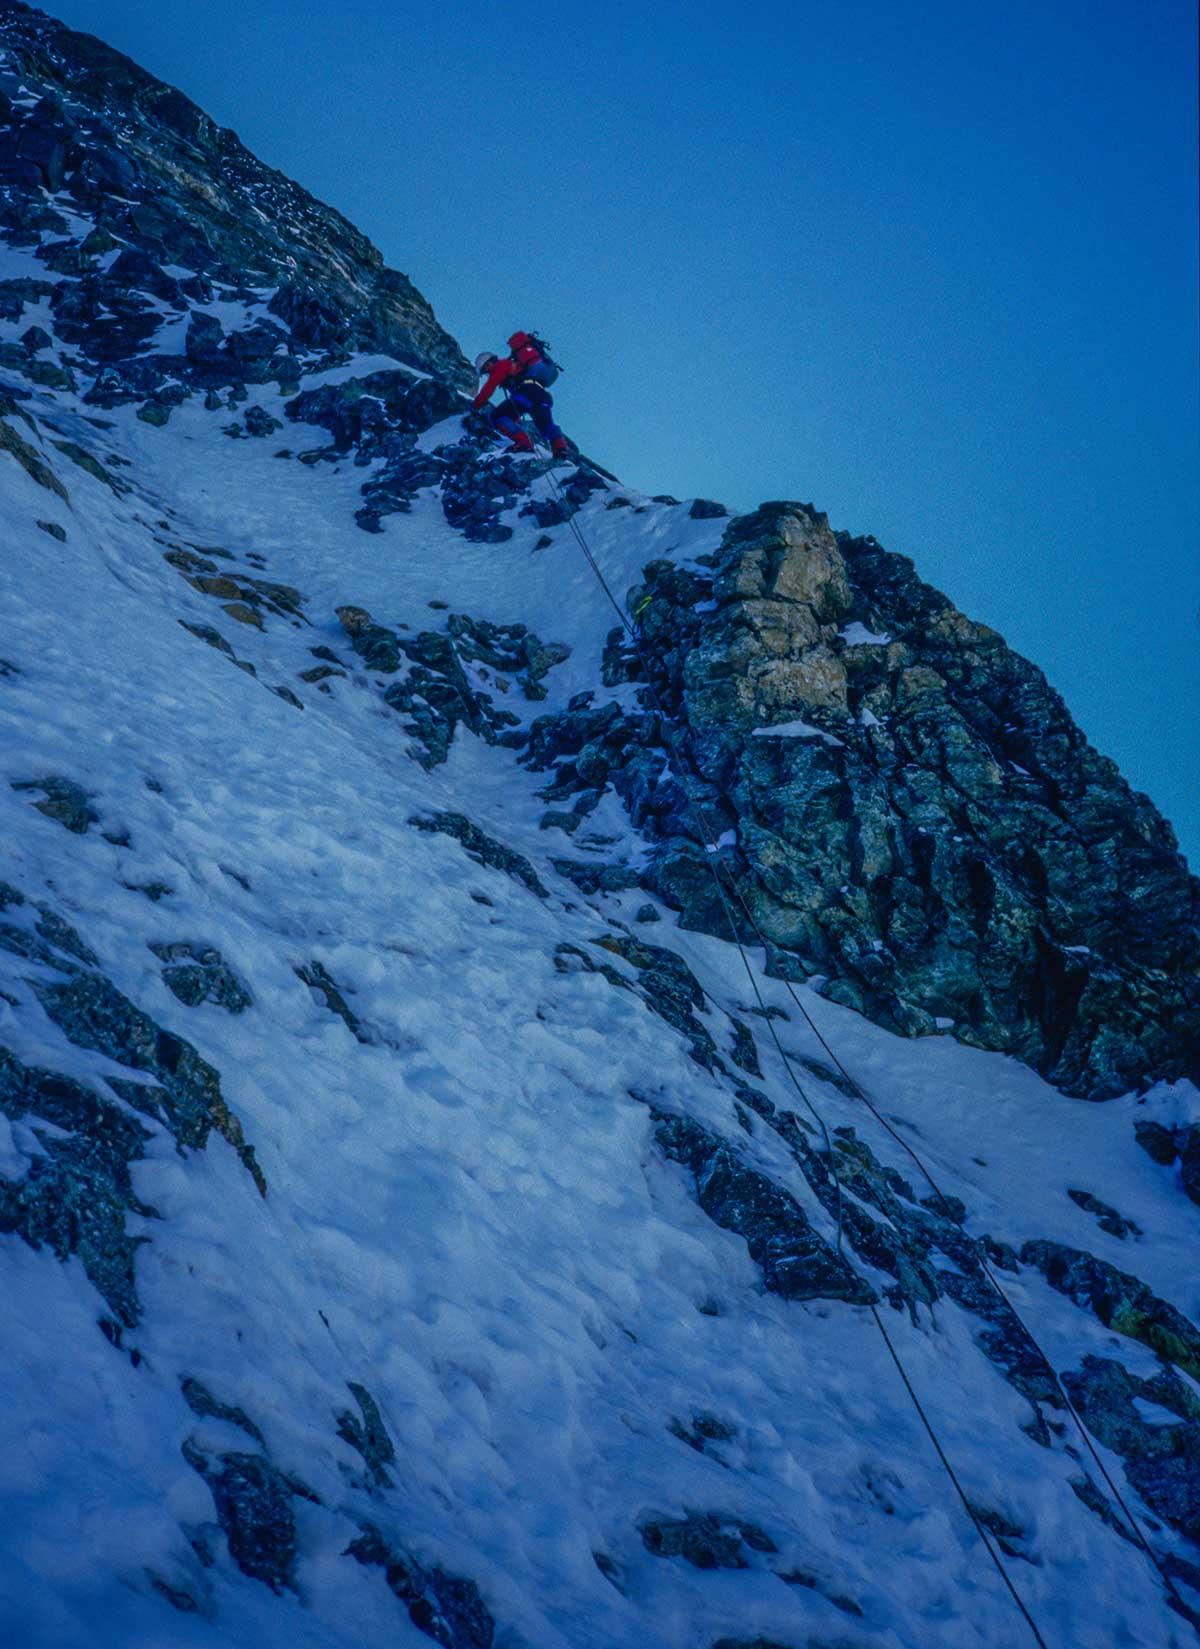 Matterhorn Nordwand - Rollo Steffens